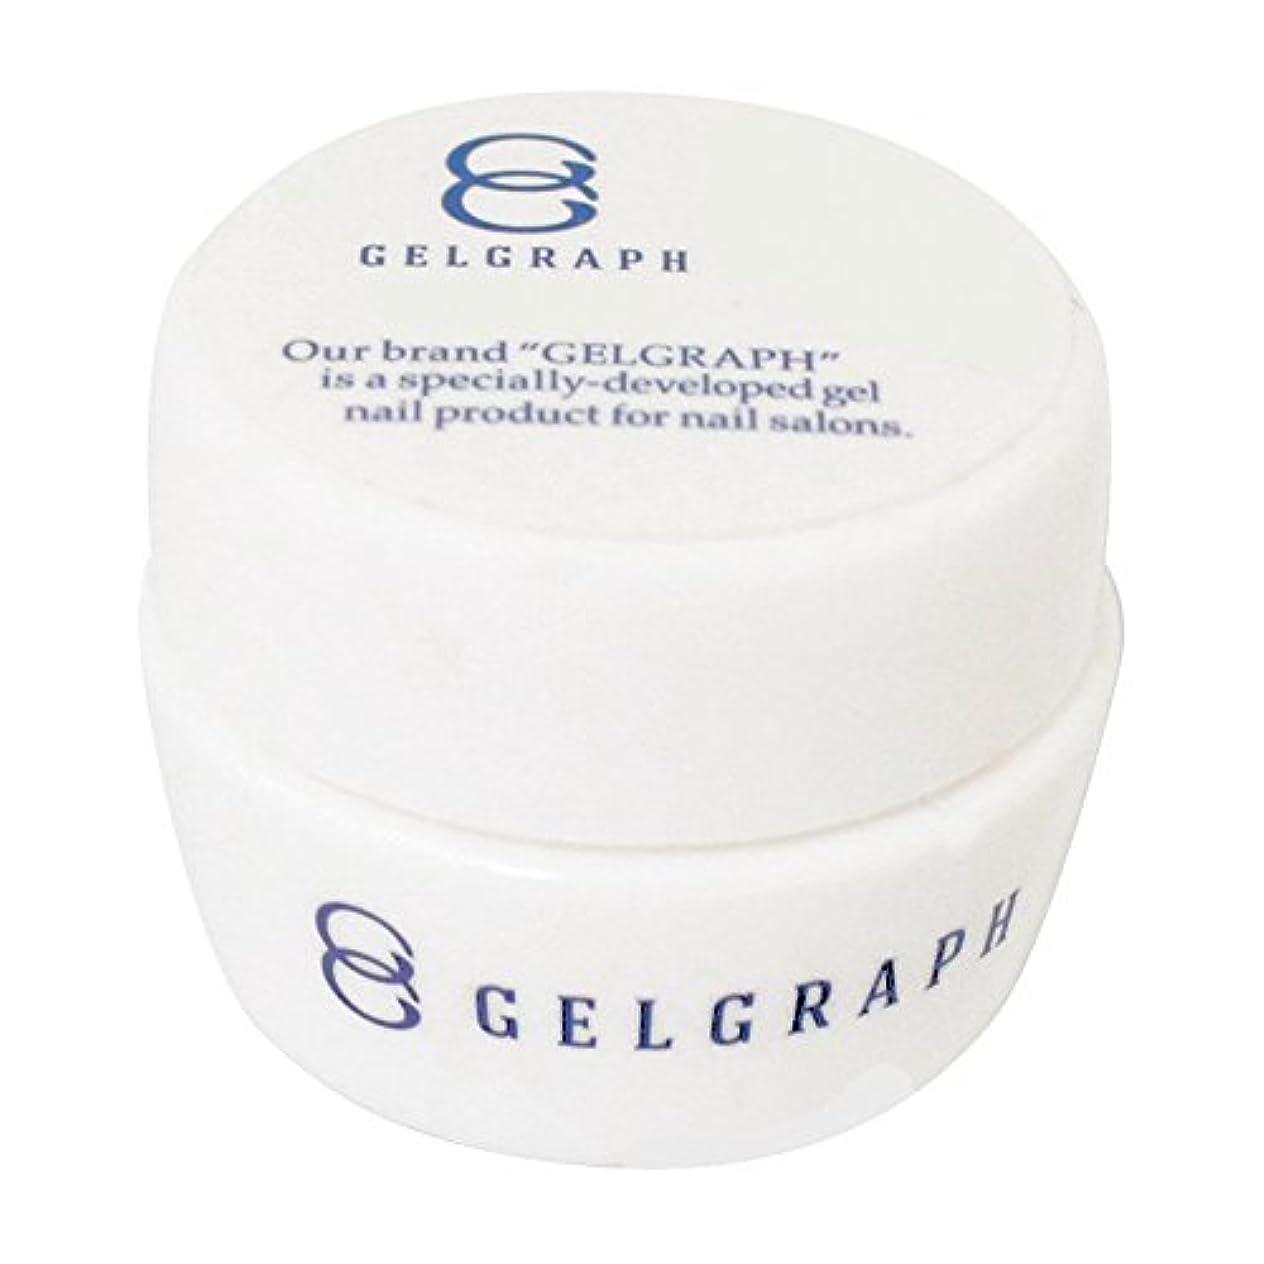 アルネ換気評価可能GELGRAPH カラージェル 134M スカーレット 5g UV/LED対応 ソークオフジェル